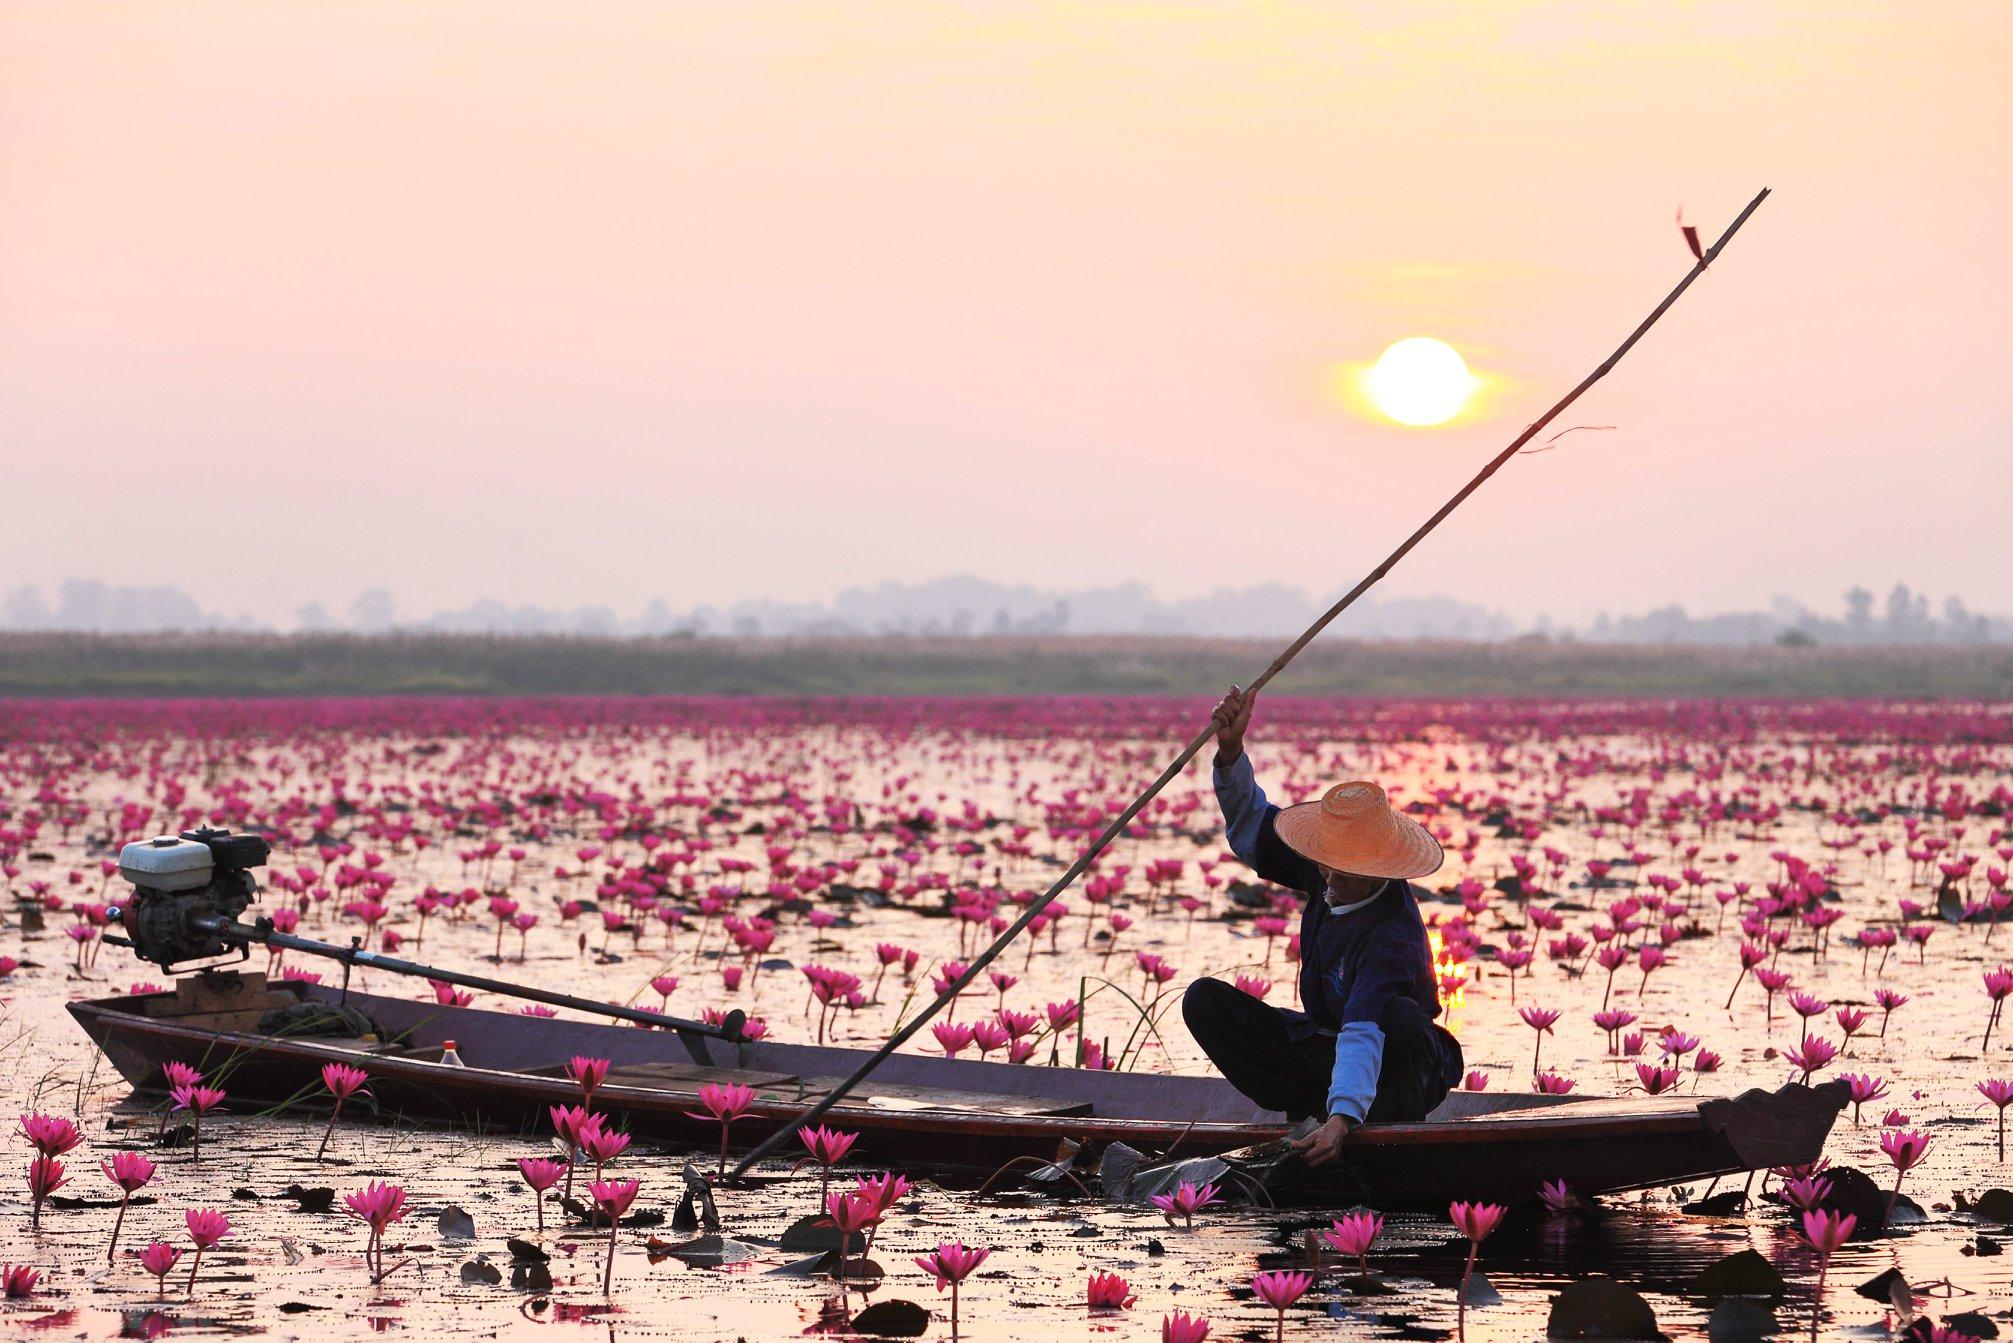 thailandia lago fiori di loto